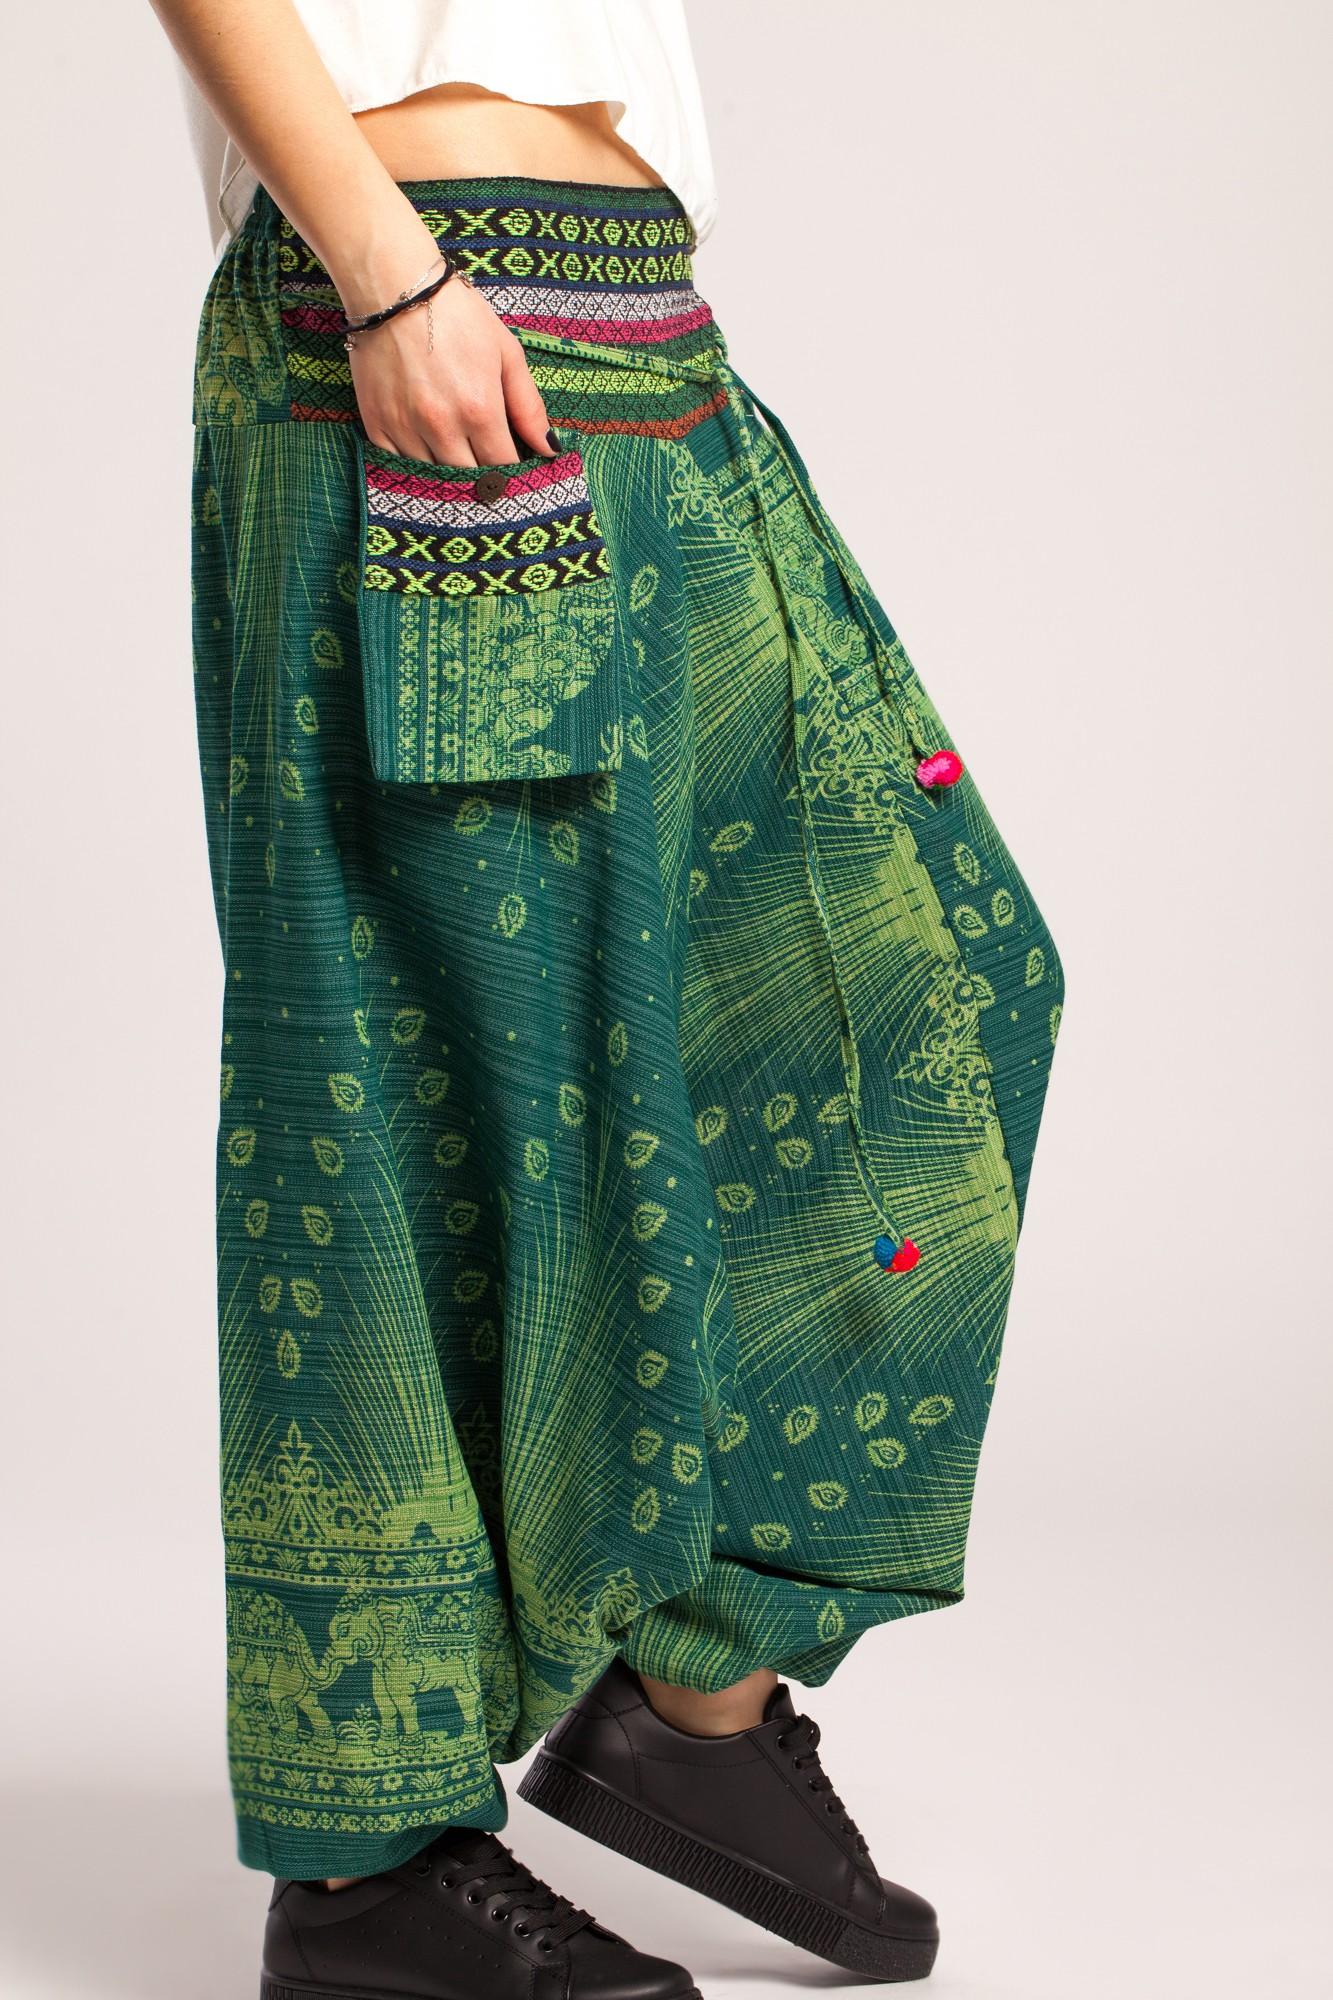 Salvari verzi din bumbac gros, imprimeu coada de paun si brau etnic